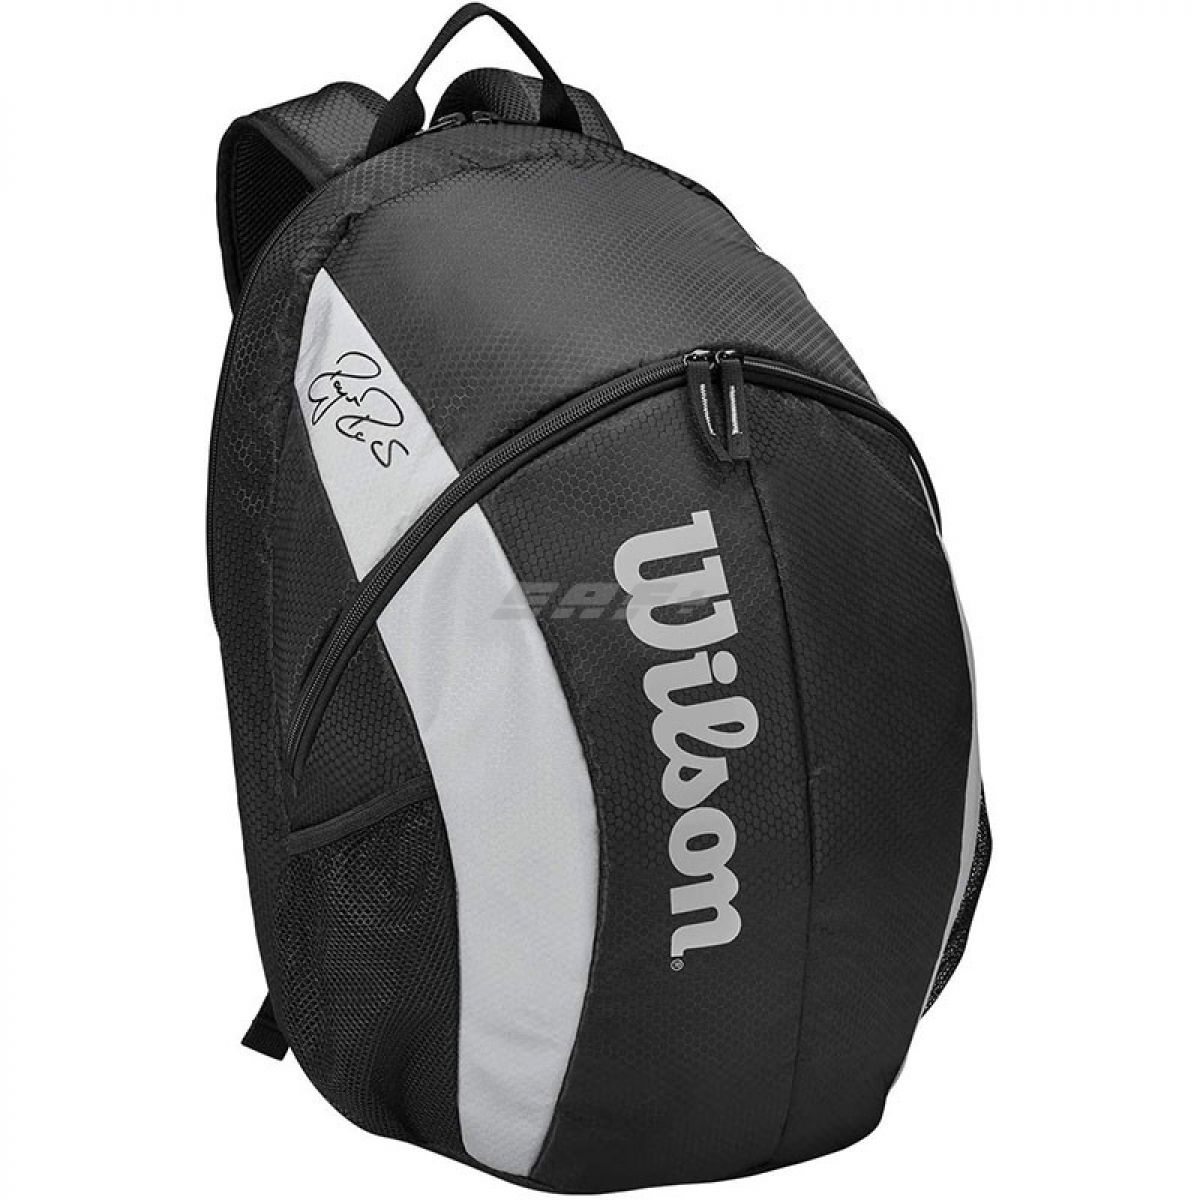 Рюкзак спорт. Wilson Team Backpack, арт. WR8005901001, с карманом под 2 тен.ракетки, черно-серый